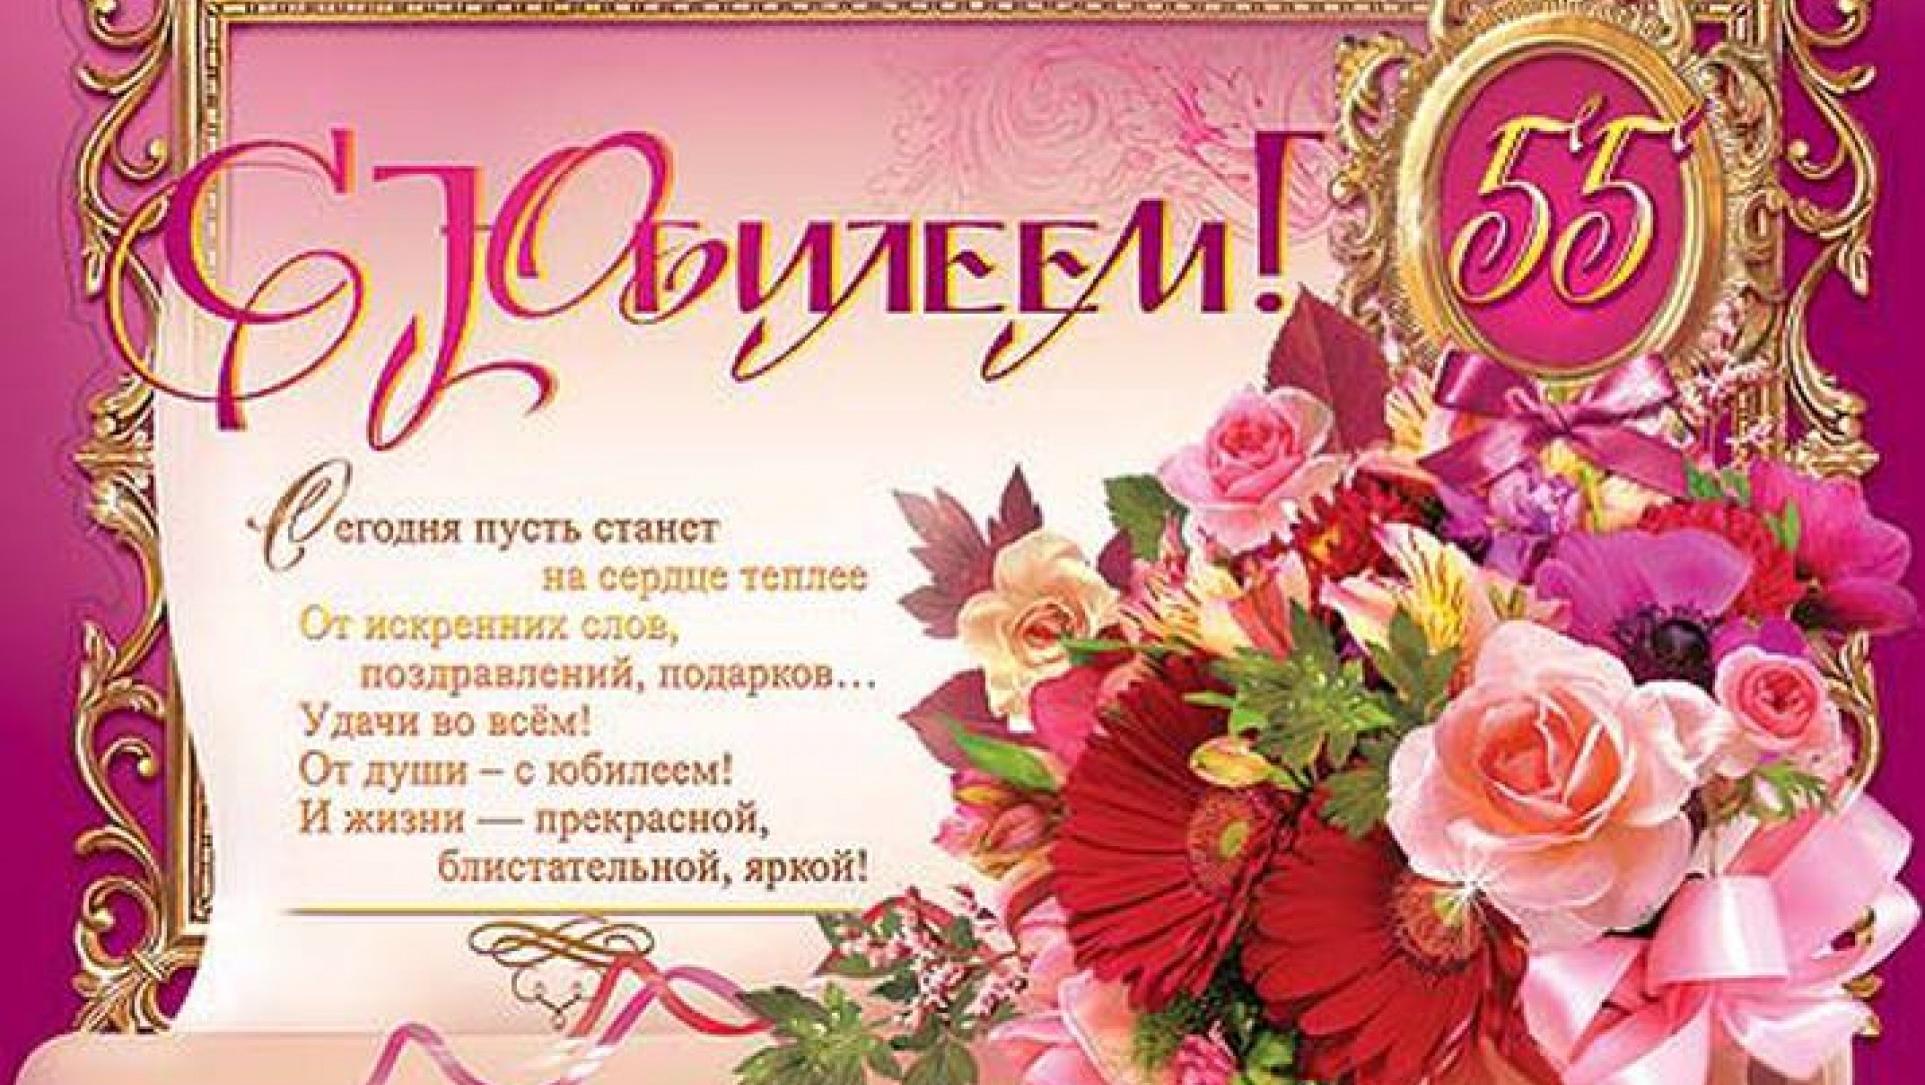 Поздравления с юбилеем женщине 55 лет открытки